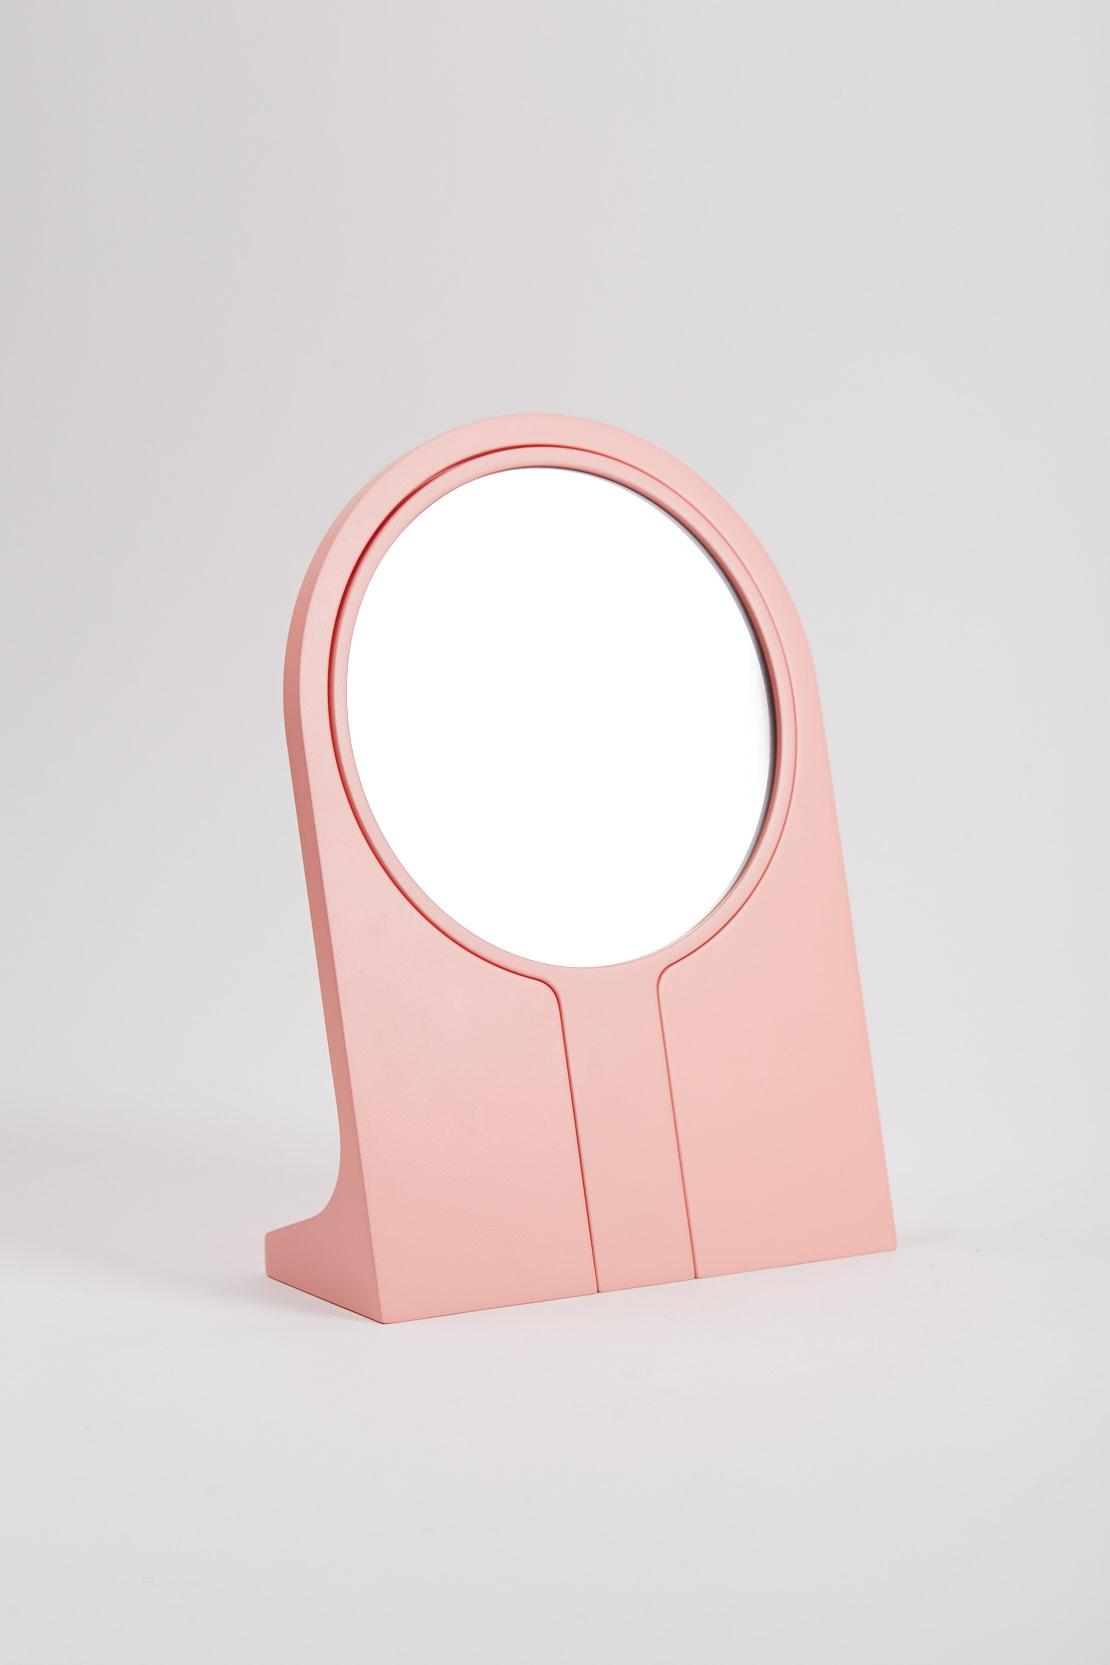 Duomo mirror, Lexon